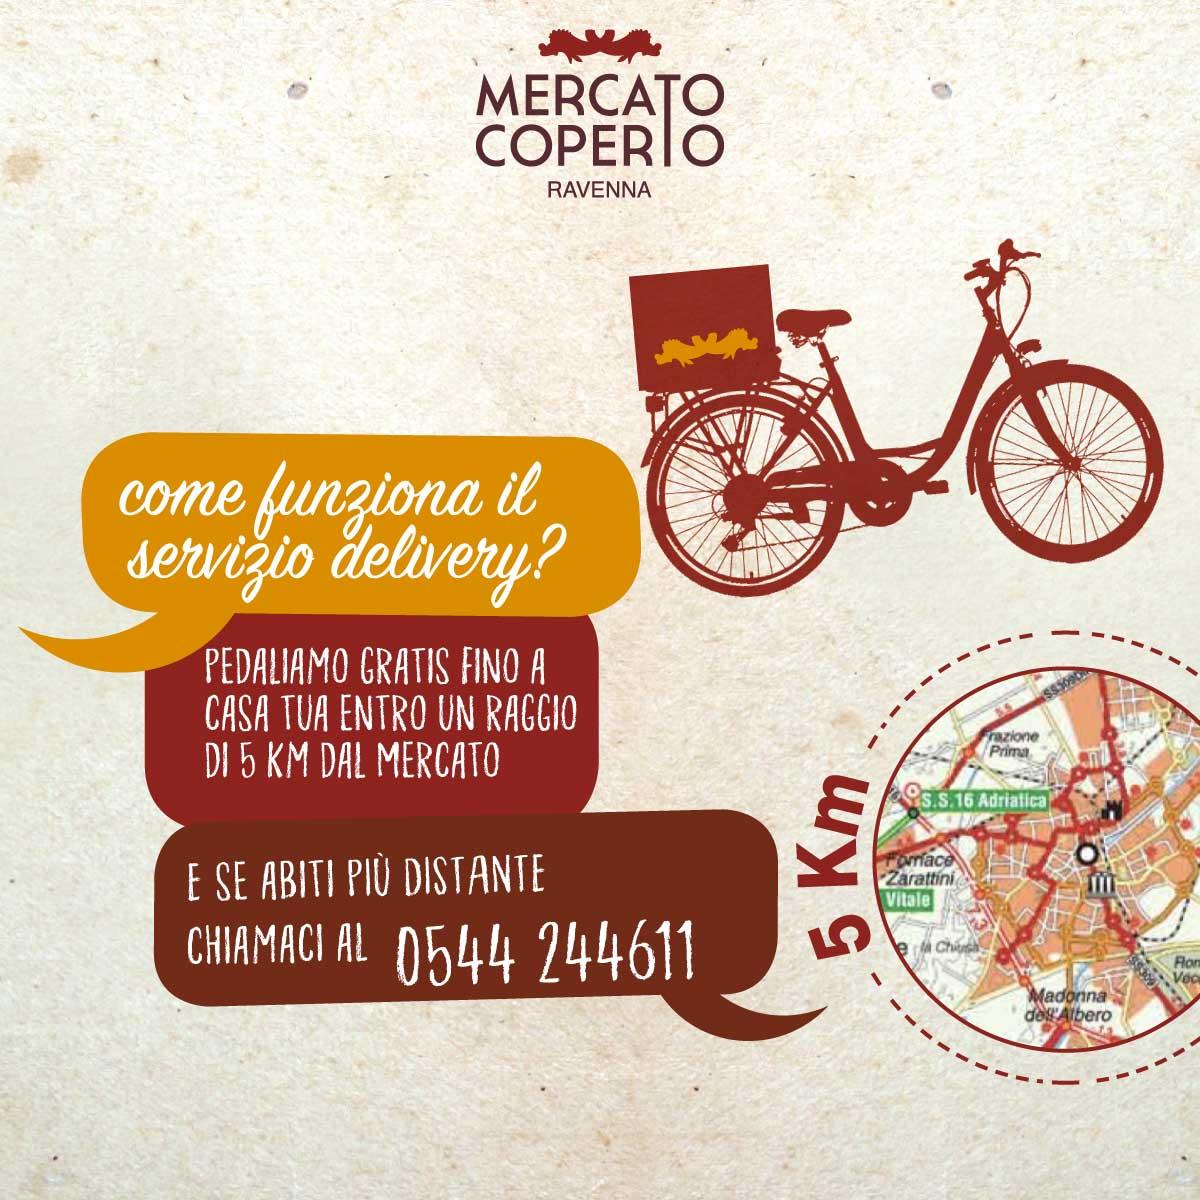 MC-Carosello2-Delivery